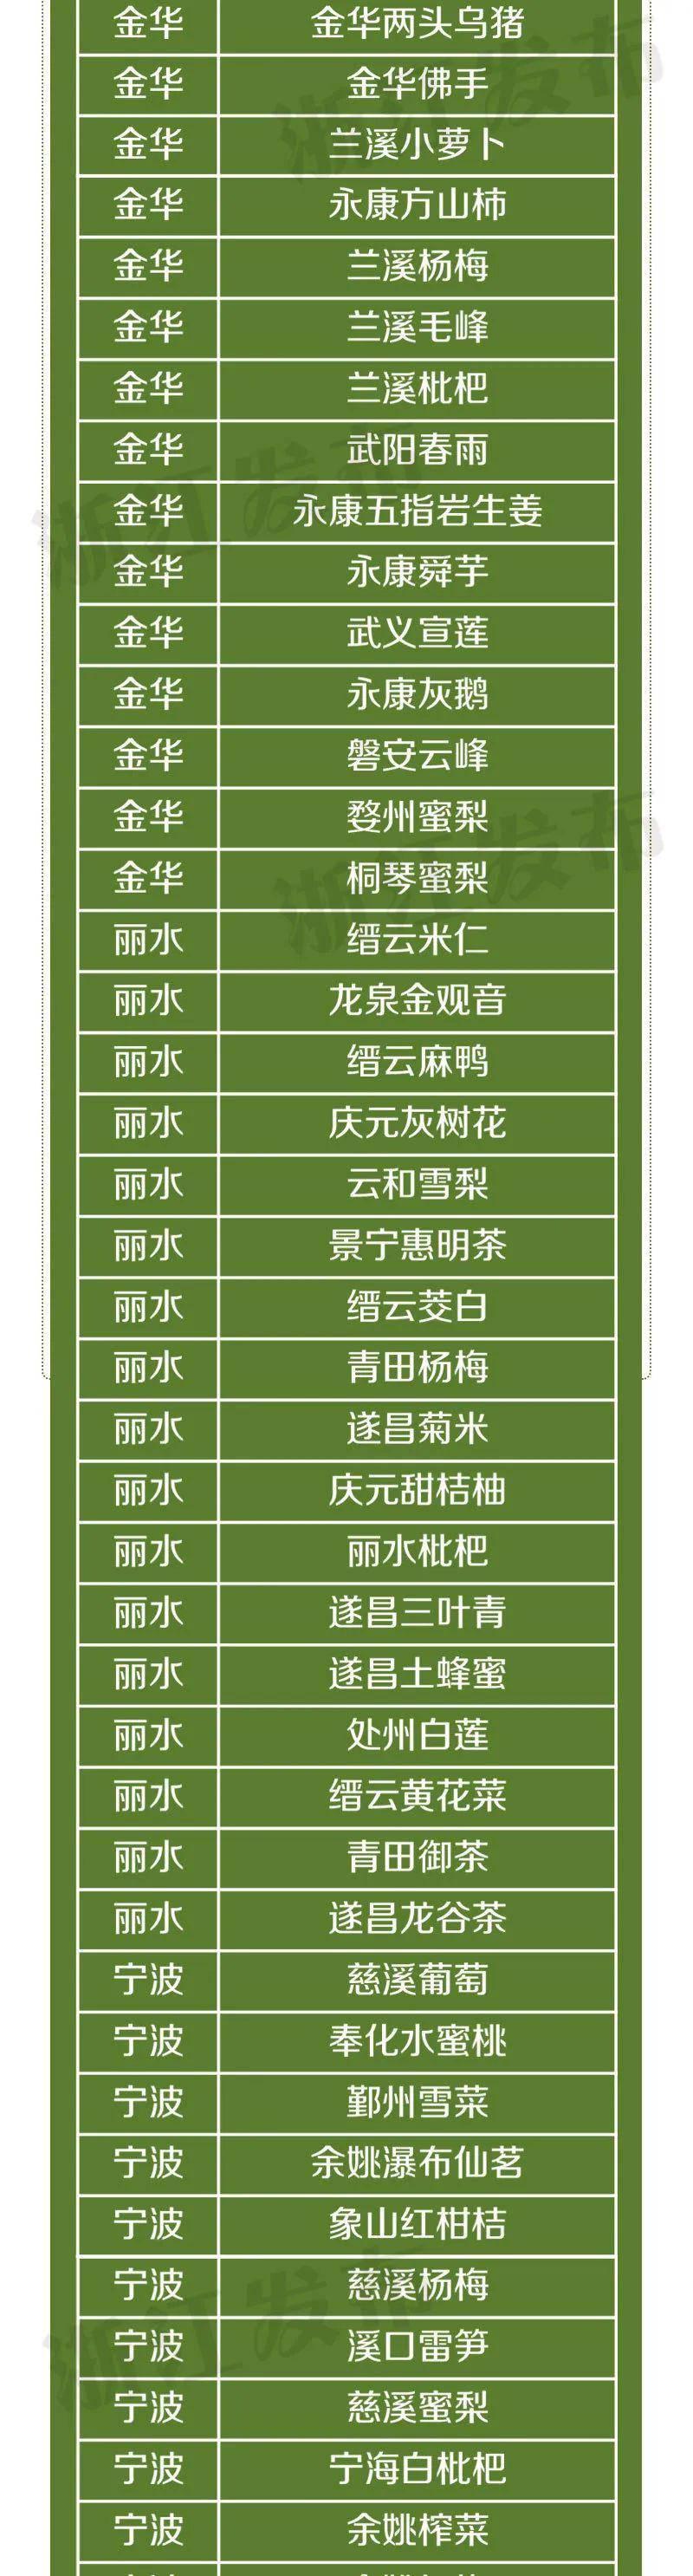 浙江省115个国家农产品地理标志2